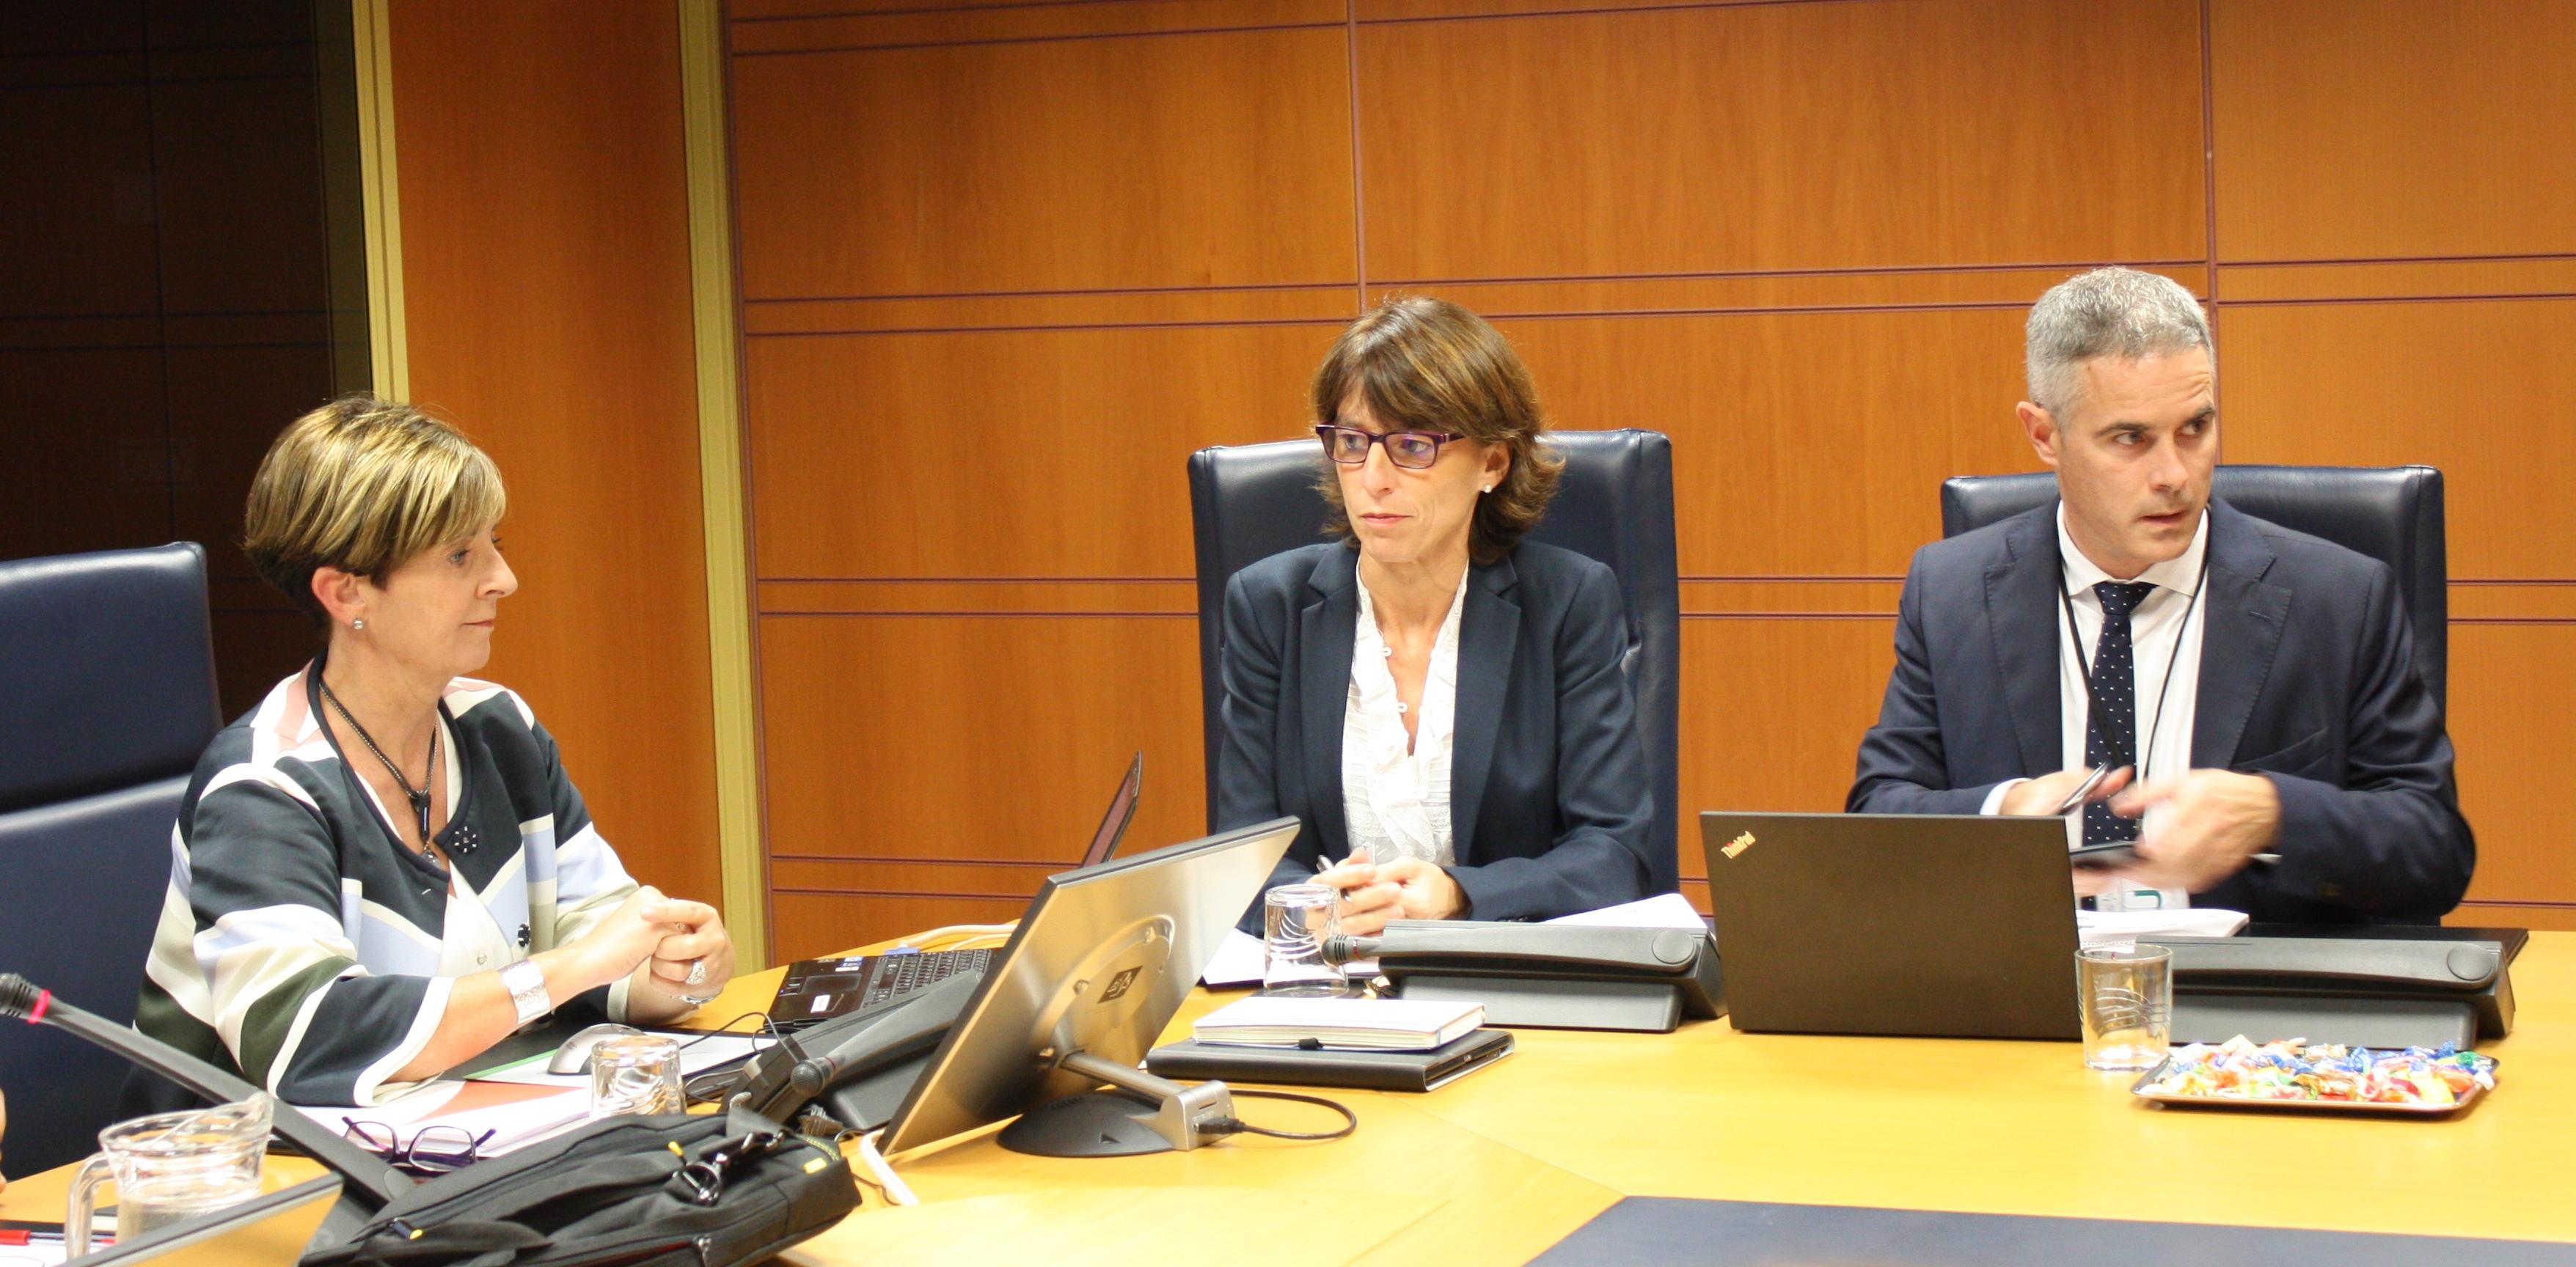 El Gobierno Vasco presenta en el Parlamento el nuevo Plan interinstitucional de Emprendimiento 2020